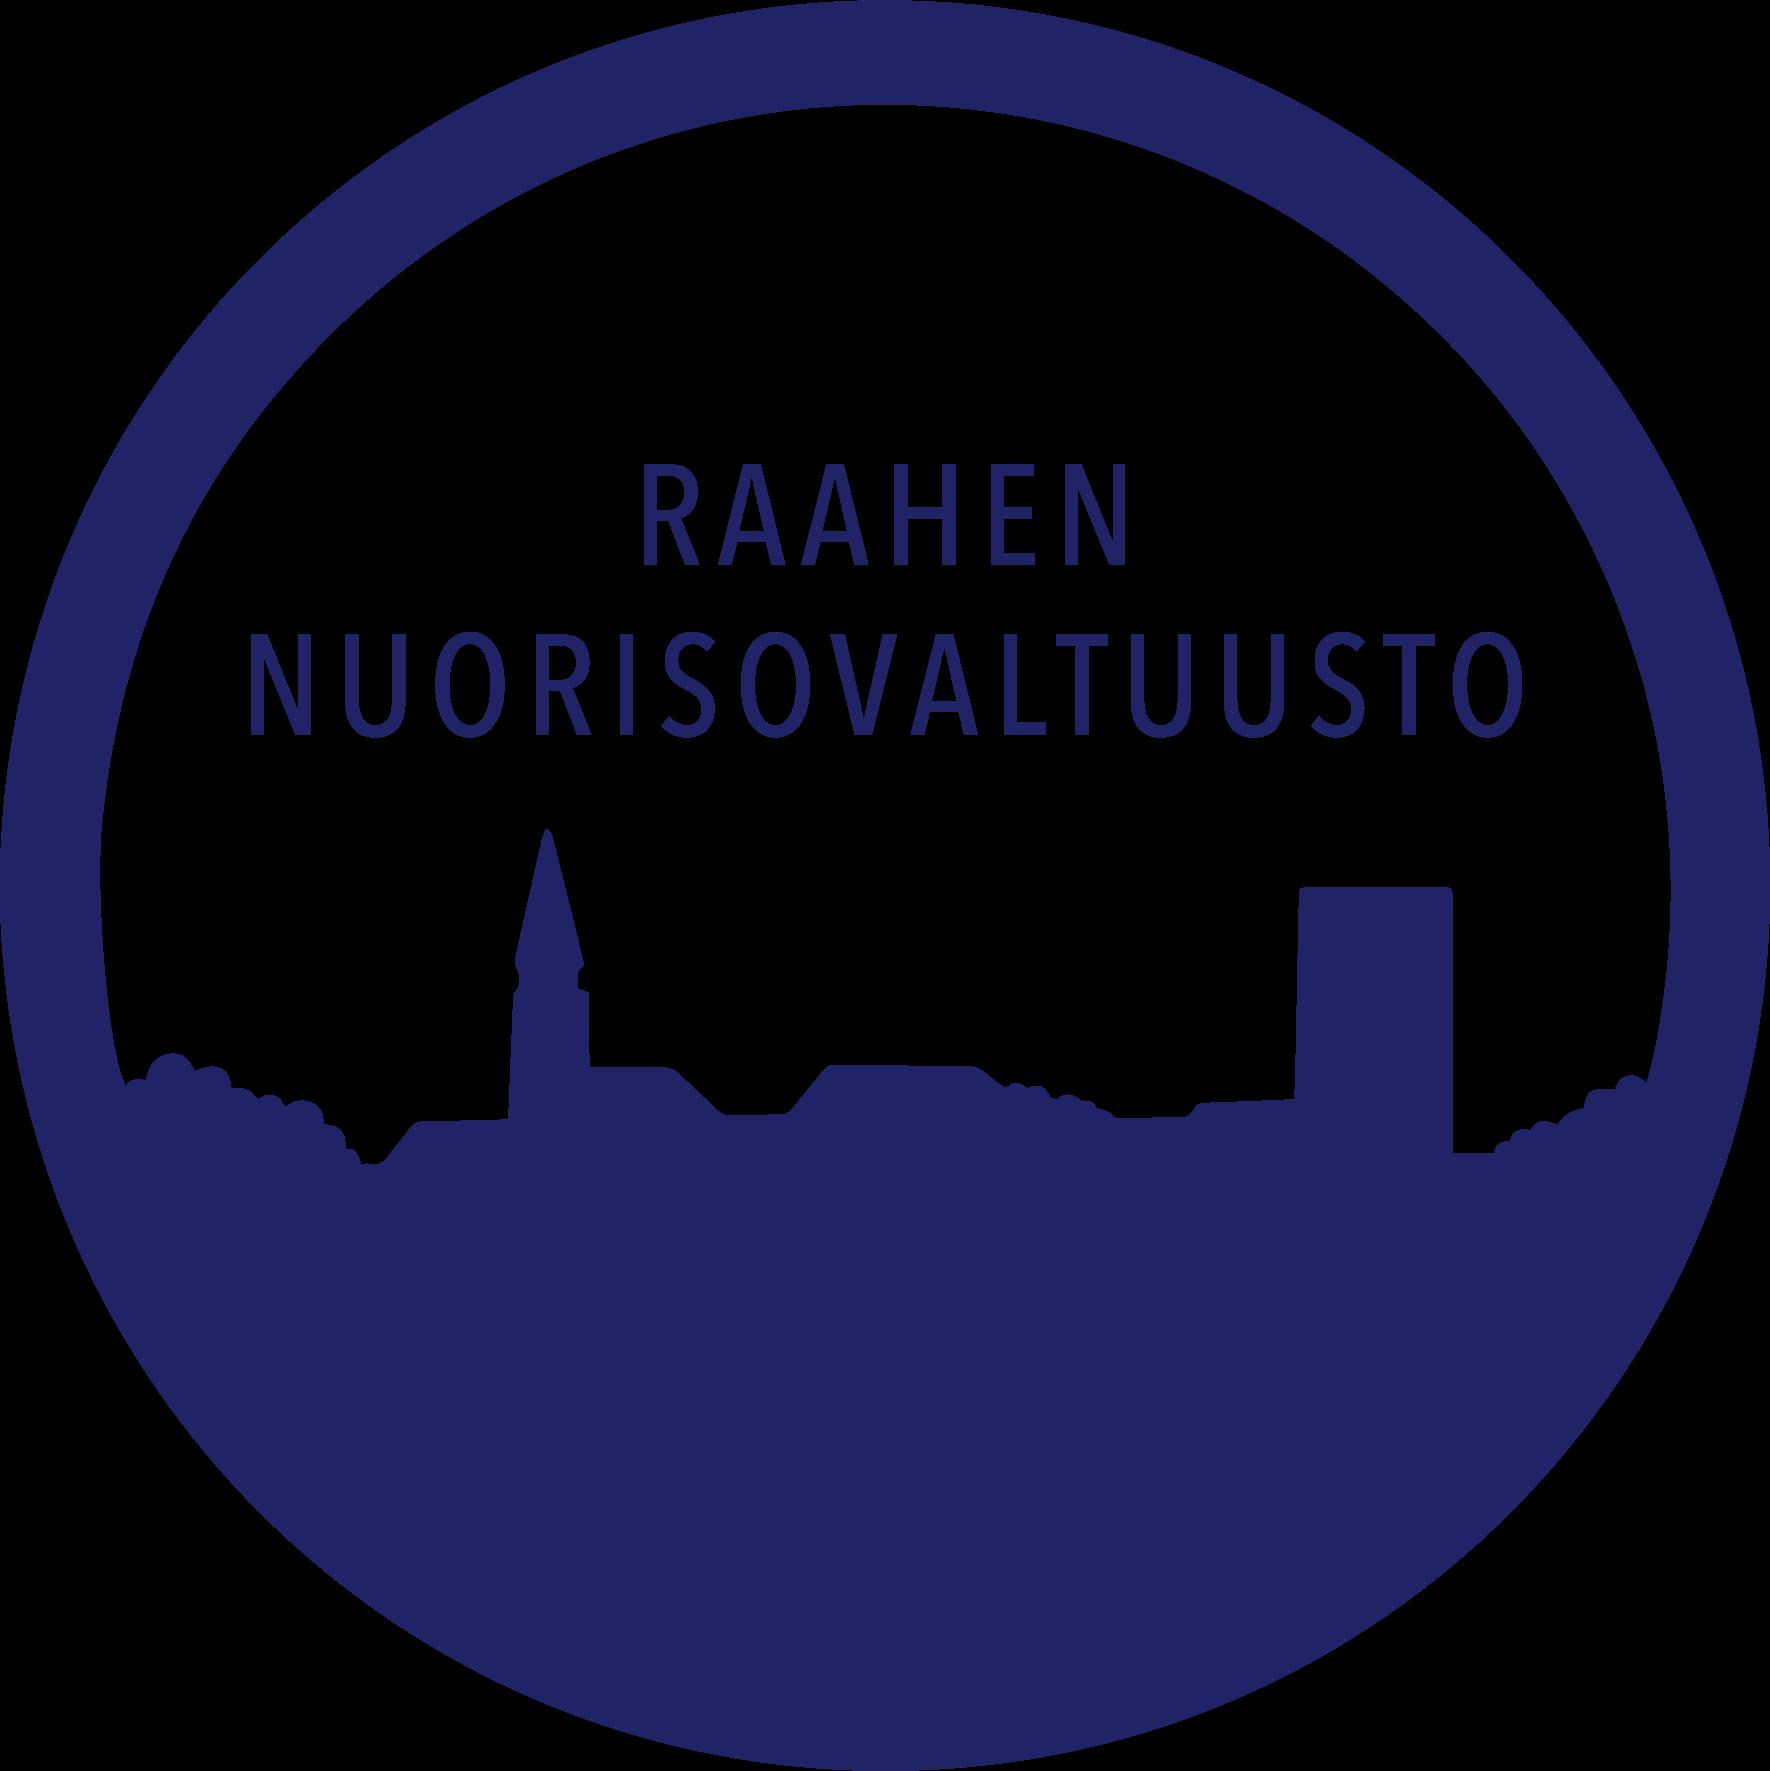 Raahen Nuva